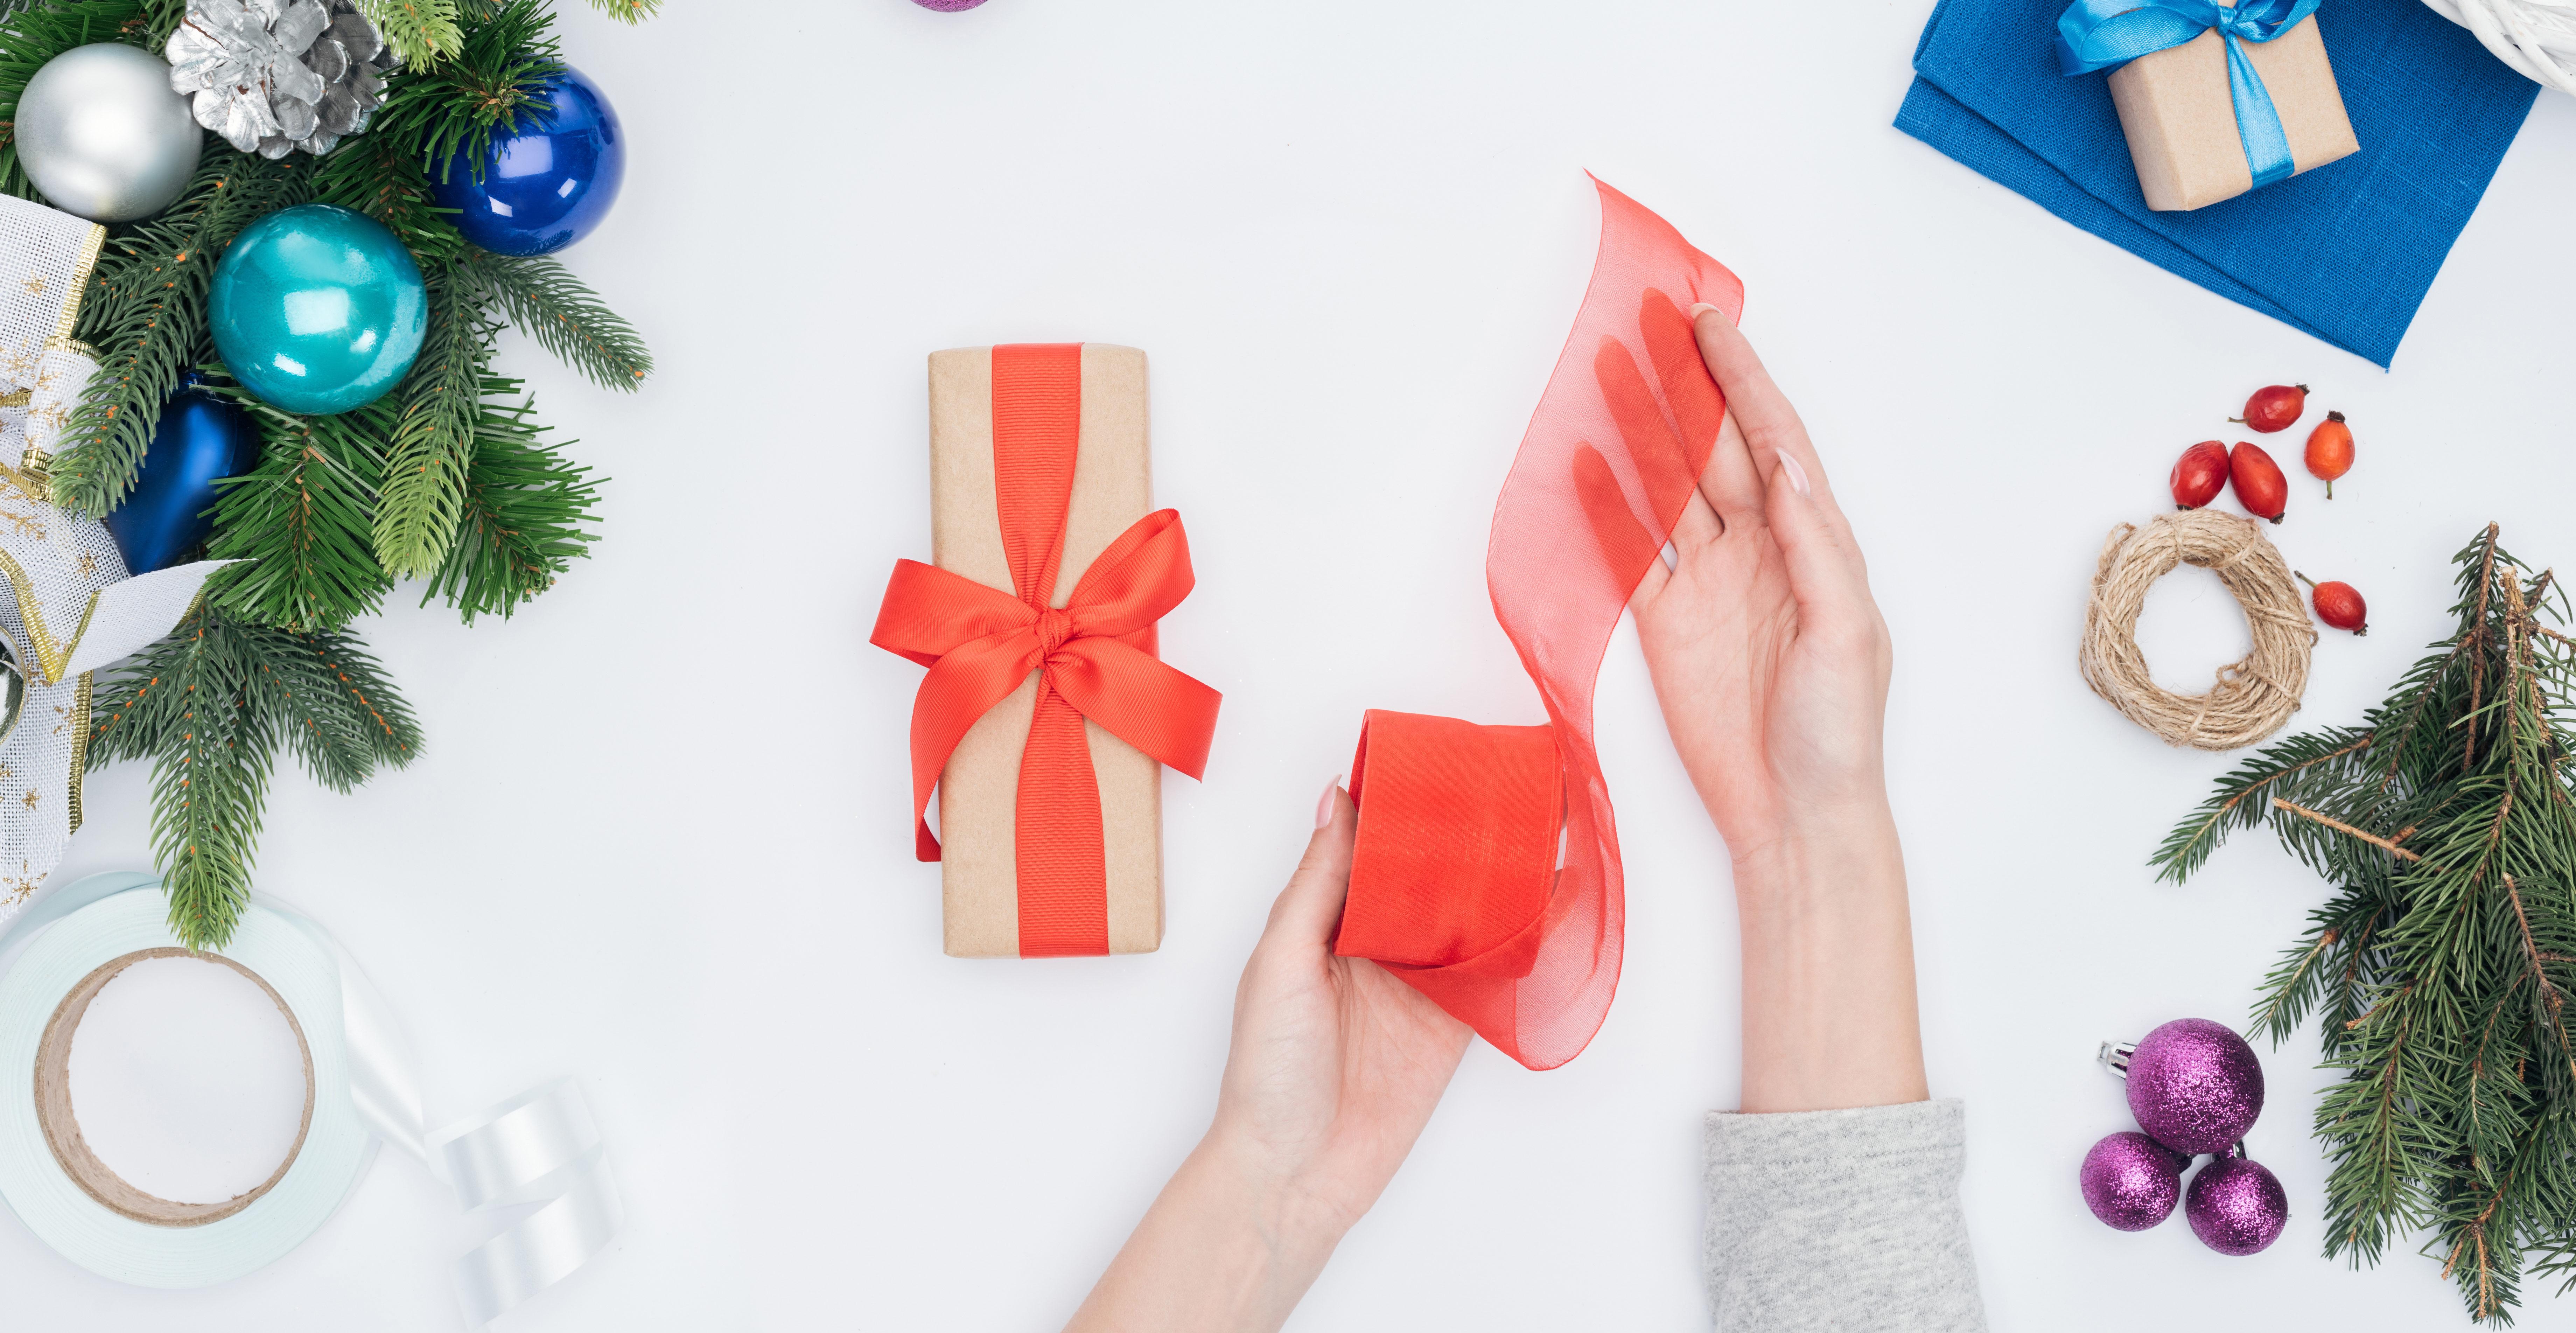 Tutorial Regali Di Natale Fai Da Te.Regali Di Natale Fai Da Te Le Migliori Idee Da Realizzare